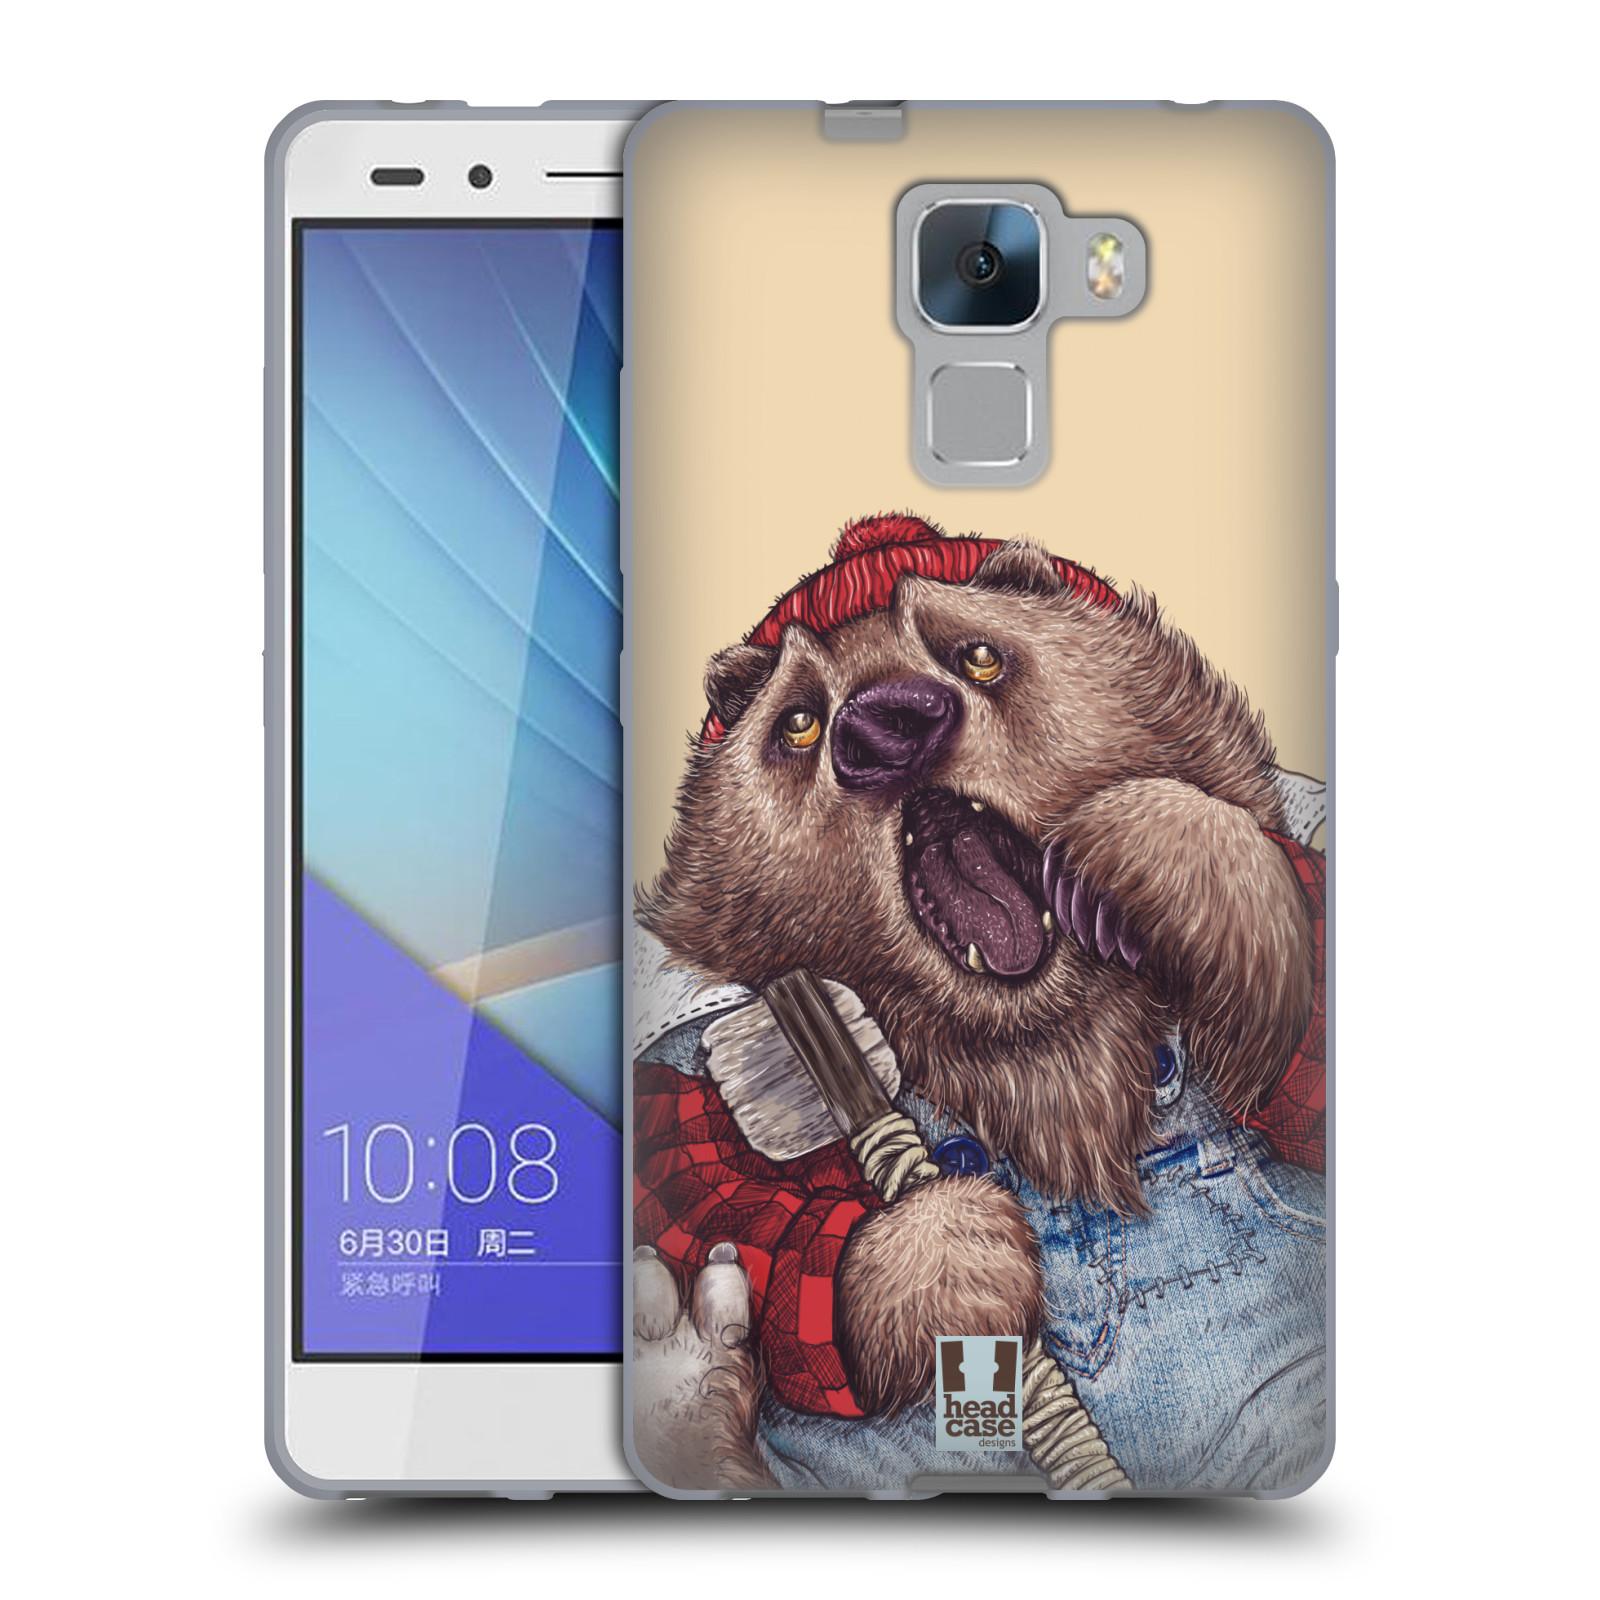 Silikonové pouzdro na mobil Honor 7 HEAD CASE ANIMPLA MEDVĚD